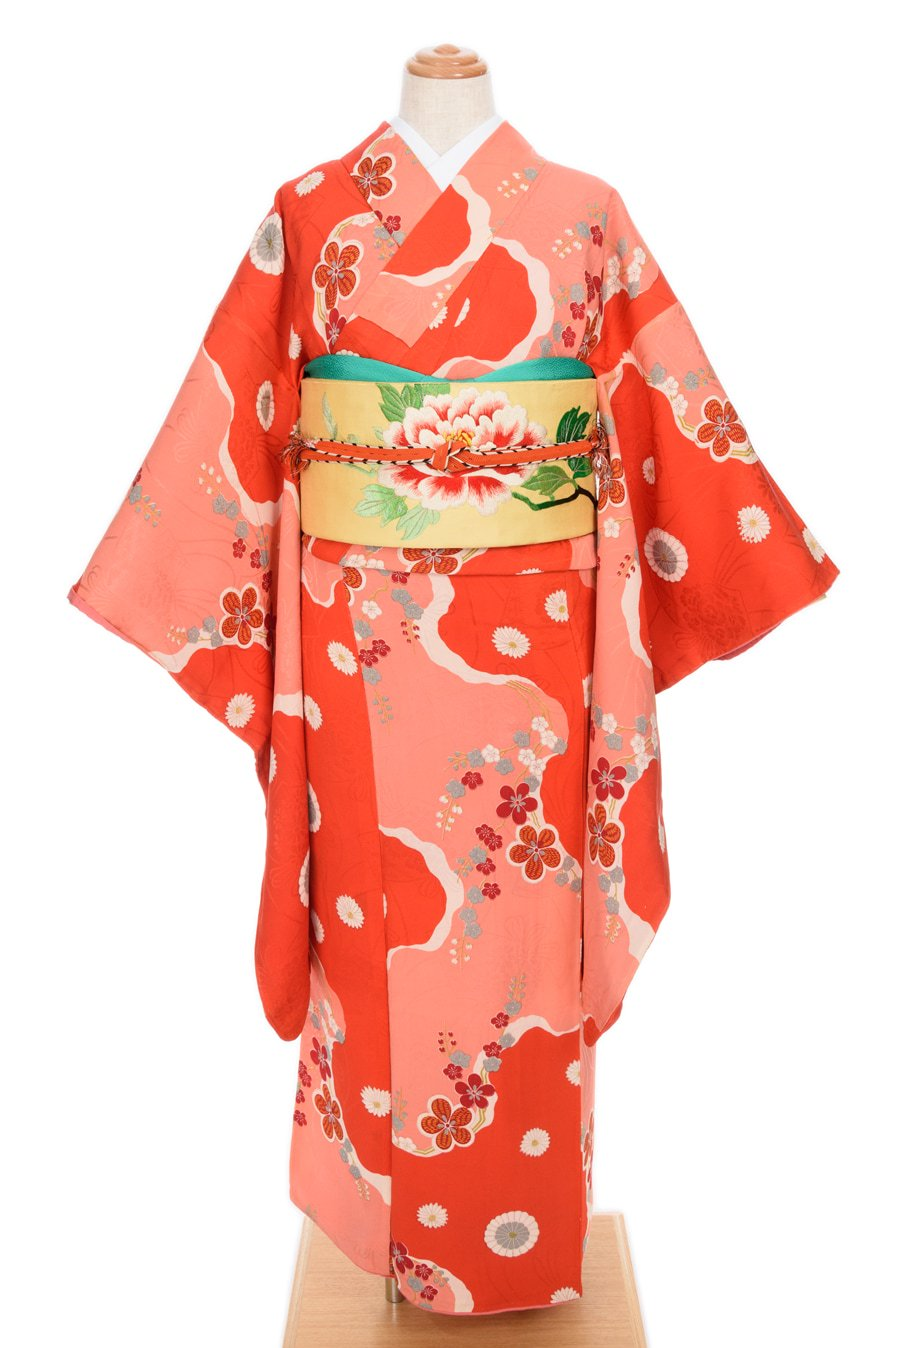 「アンティーク 道長取りに梅と菊」の商品画像